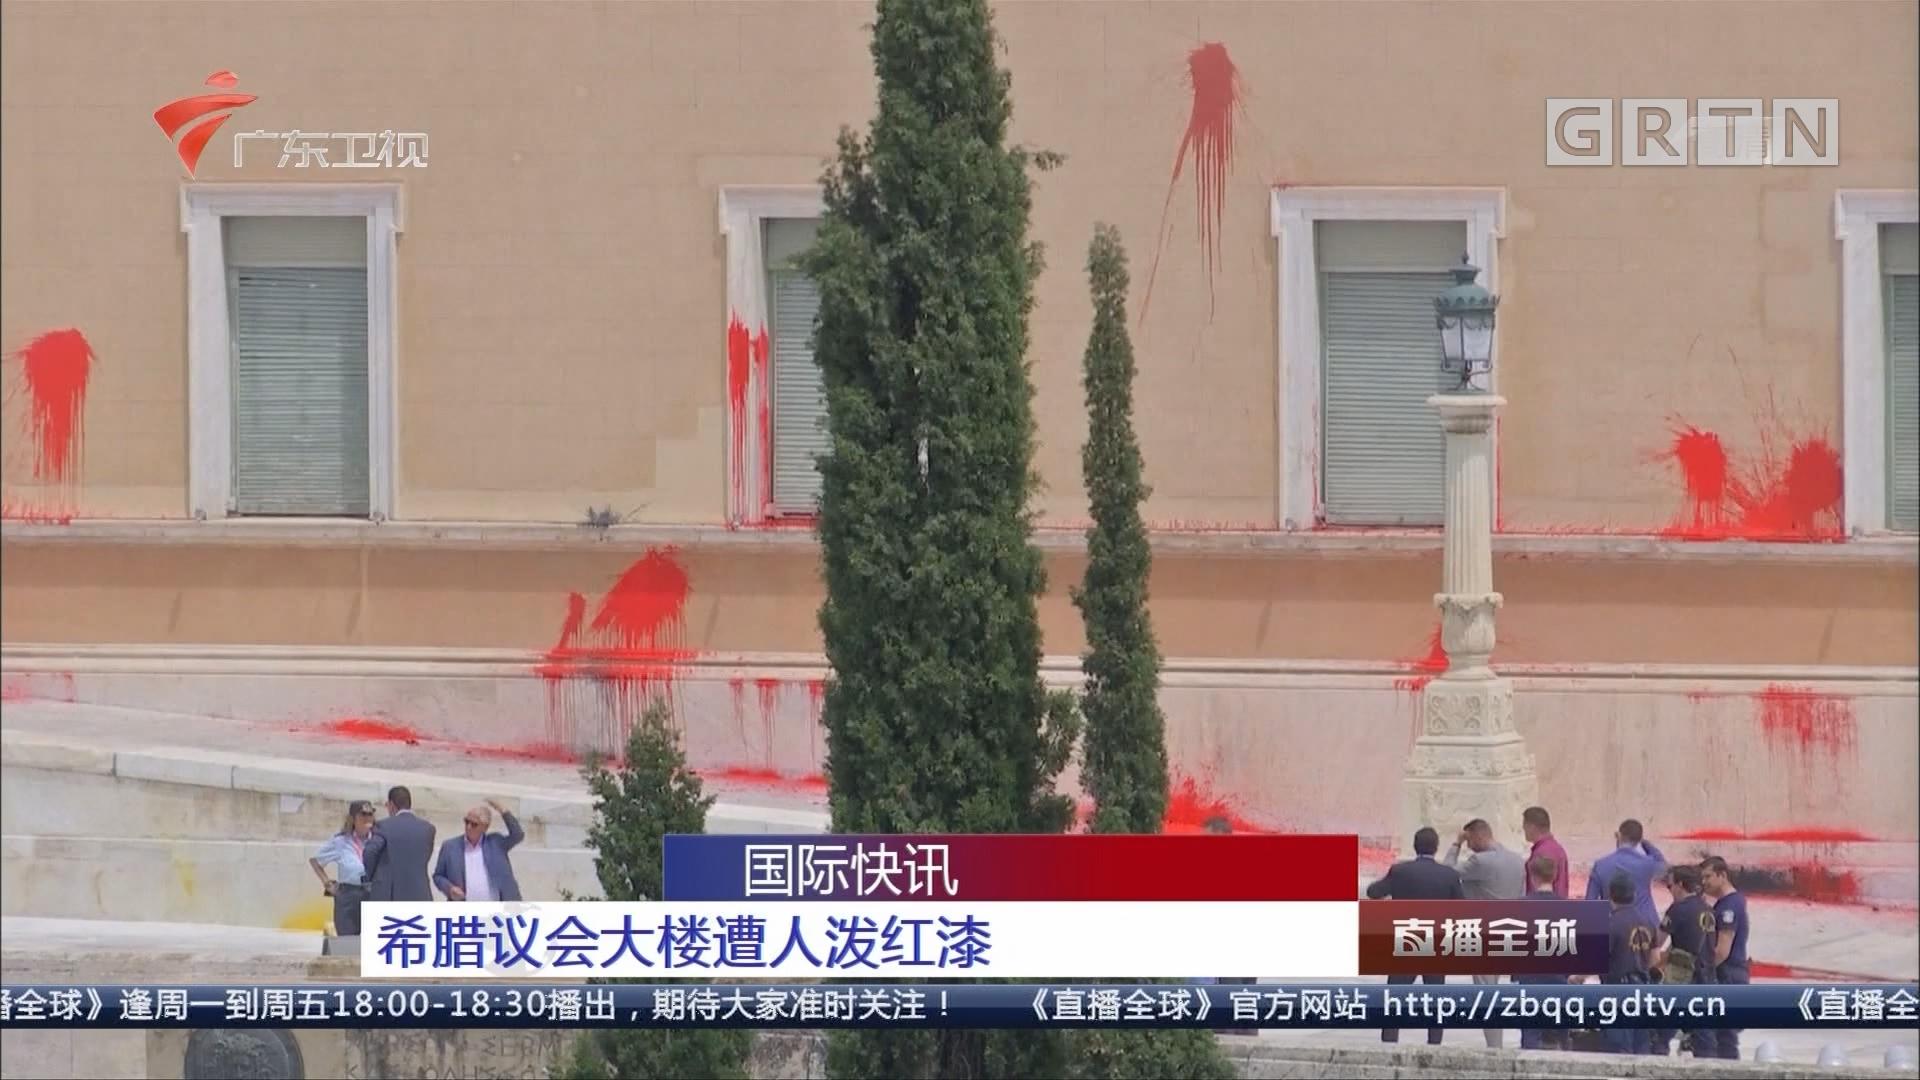 希腊议会大楼遭人泼红漆